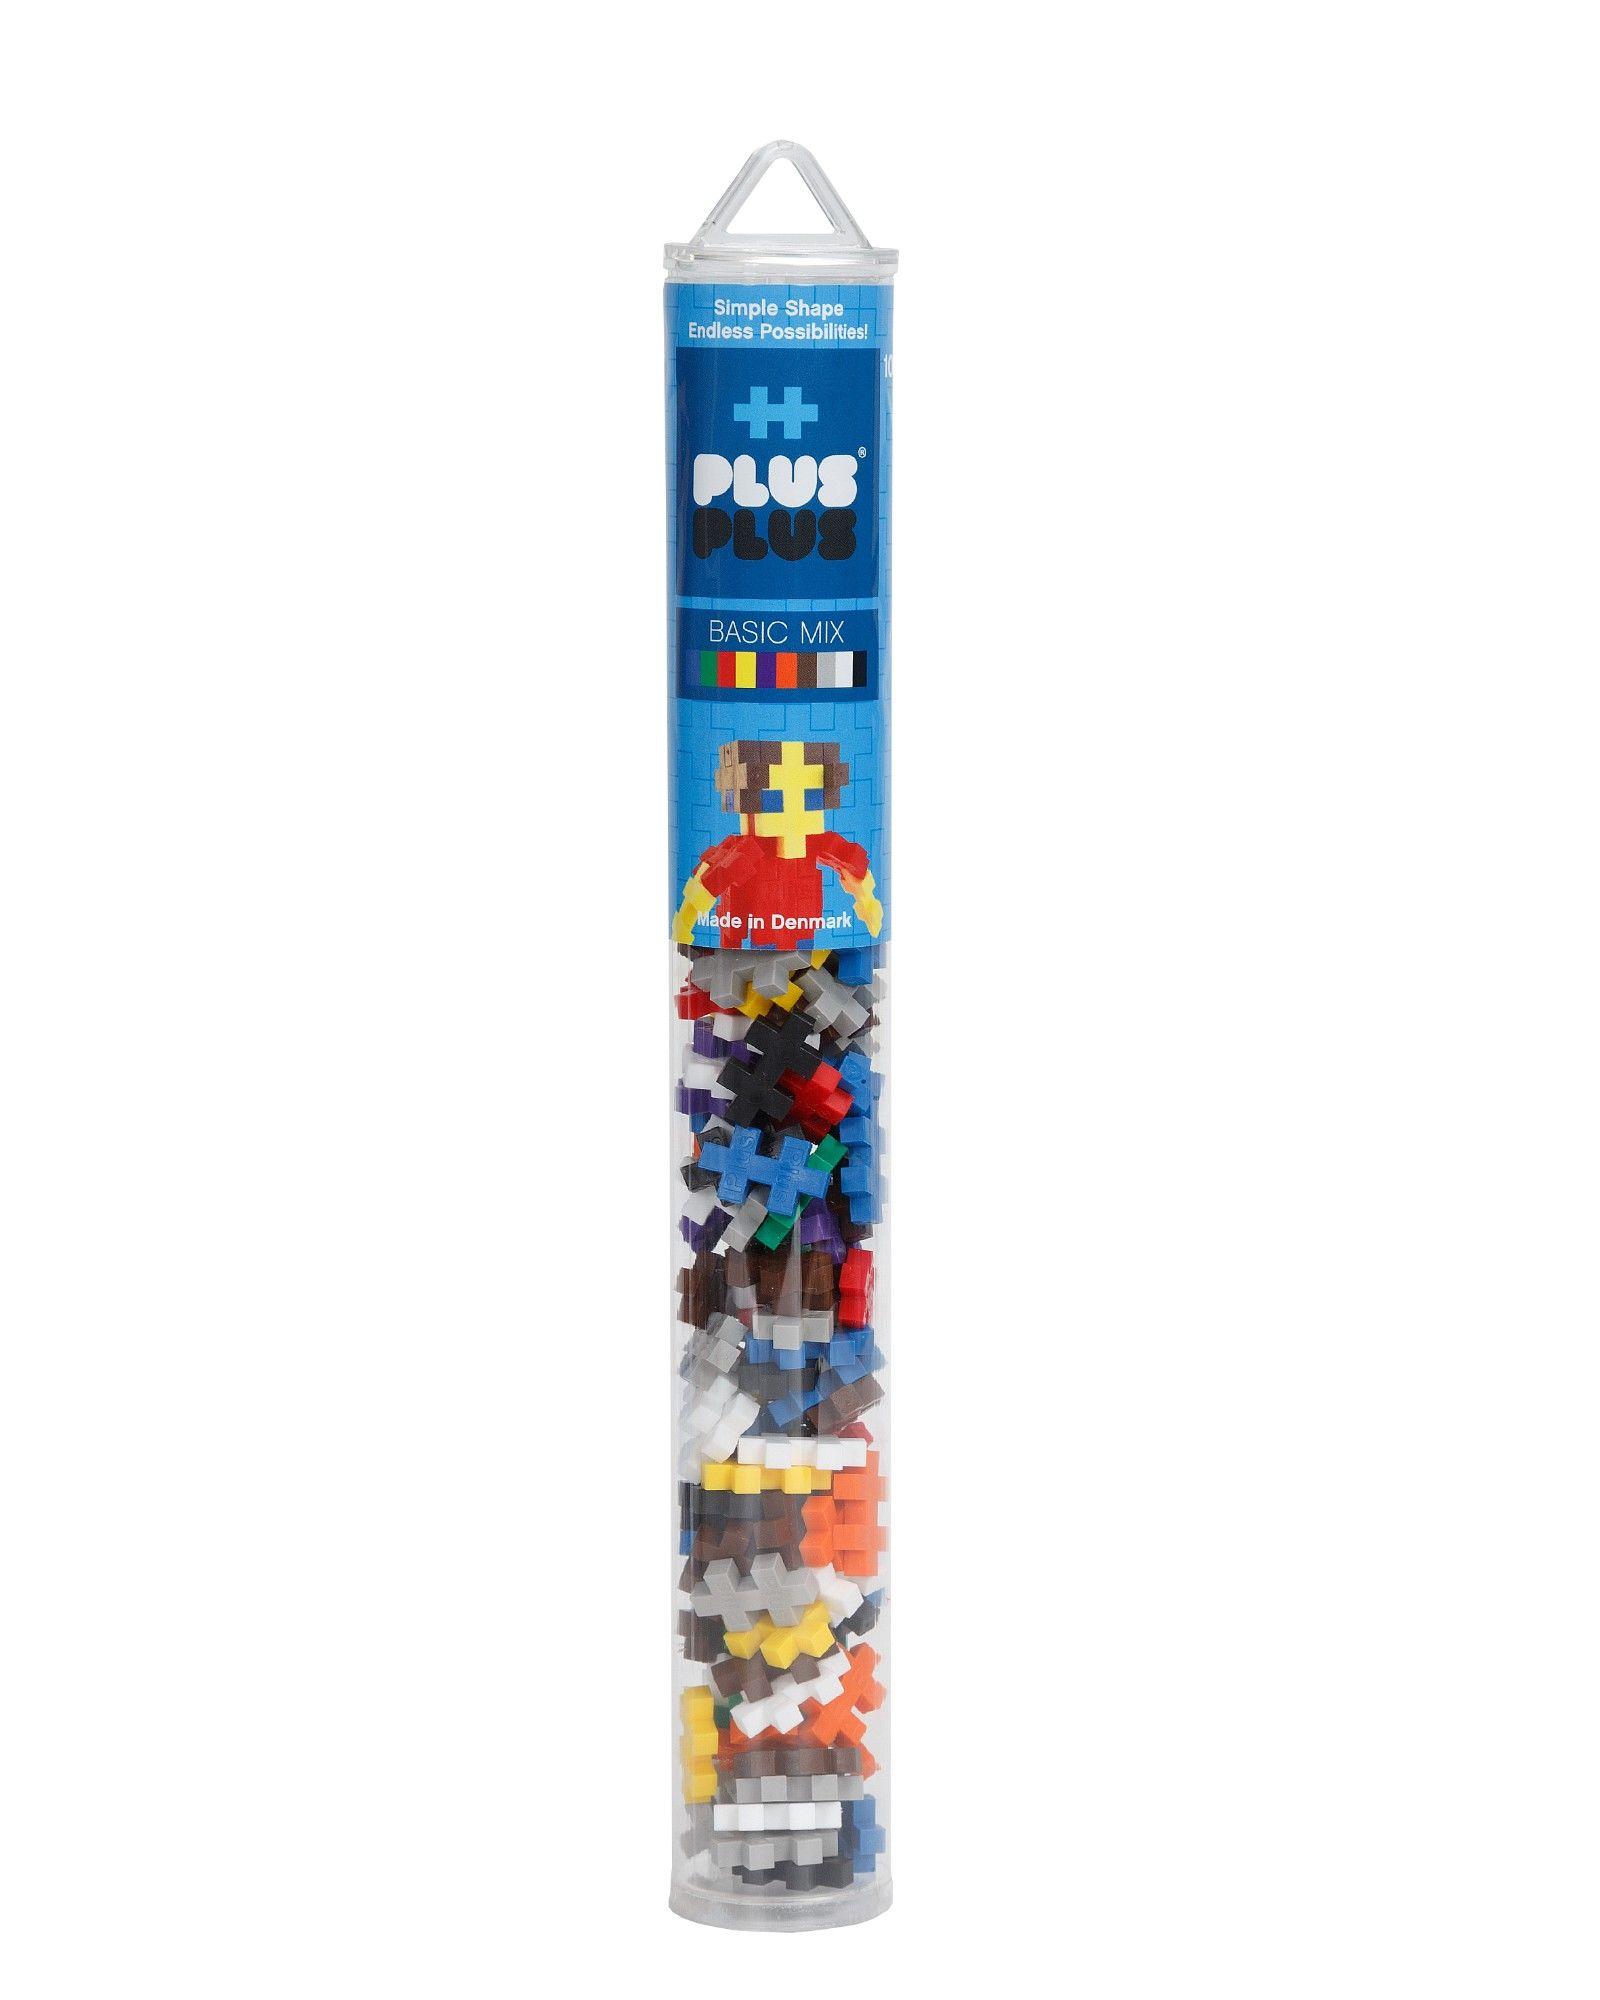 Kūrybiškumą skatinantis bazinių spalvų konstruktorius PLUS PLUS Mini Vamzdelis vaikams nuo 3 metų, 100 vnt. (4023)